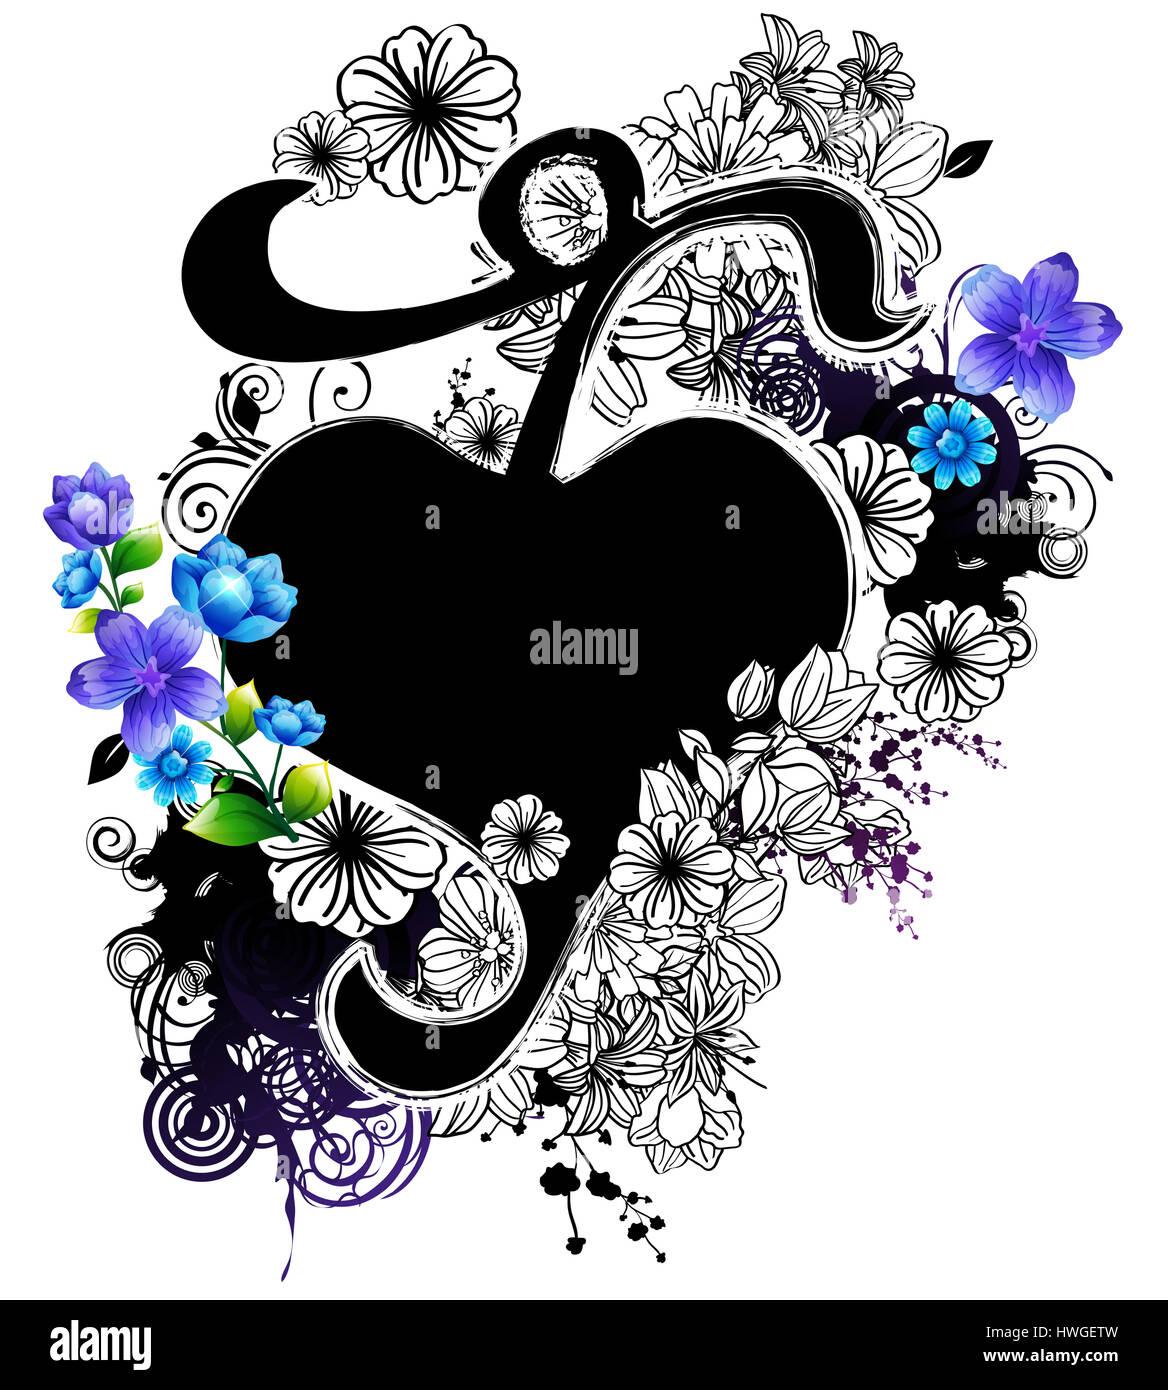 Forme De Coeur Coeur Amour Cote Signer Amour De Saint